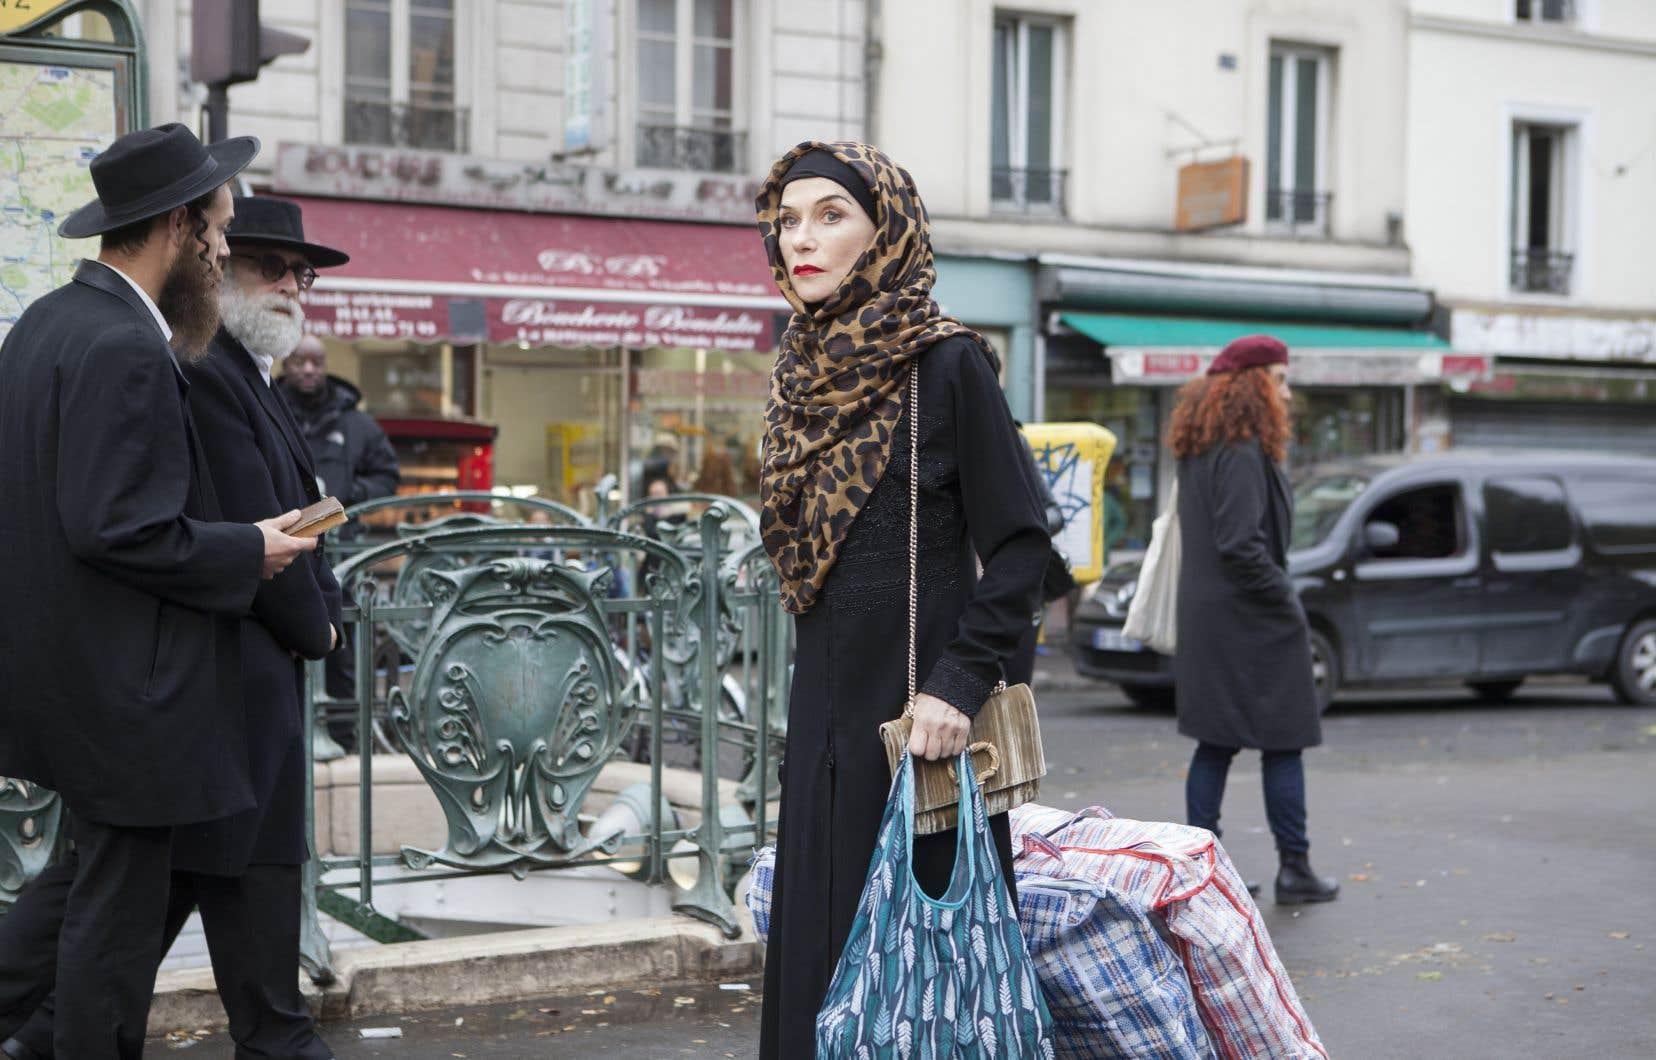 Dans le film, Isabelle Huppert répond au doux nom de Patience Portefeux, une interprète judiciaire franco-arabe pour la brigade des stupéfiants de Paris. De hasards en coïncidences, la quinquagénaire finit par mener la double vie d'une trafiquante de drogue, bientôt recherchée partout. Et la voilà qui se voile comme une riche femme d'émir, trimballant sa dégaine royale et intrigante dans les rues de Belleville.